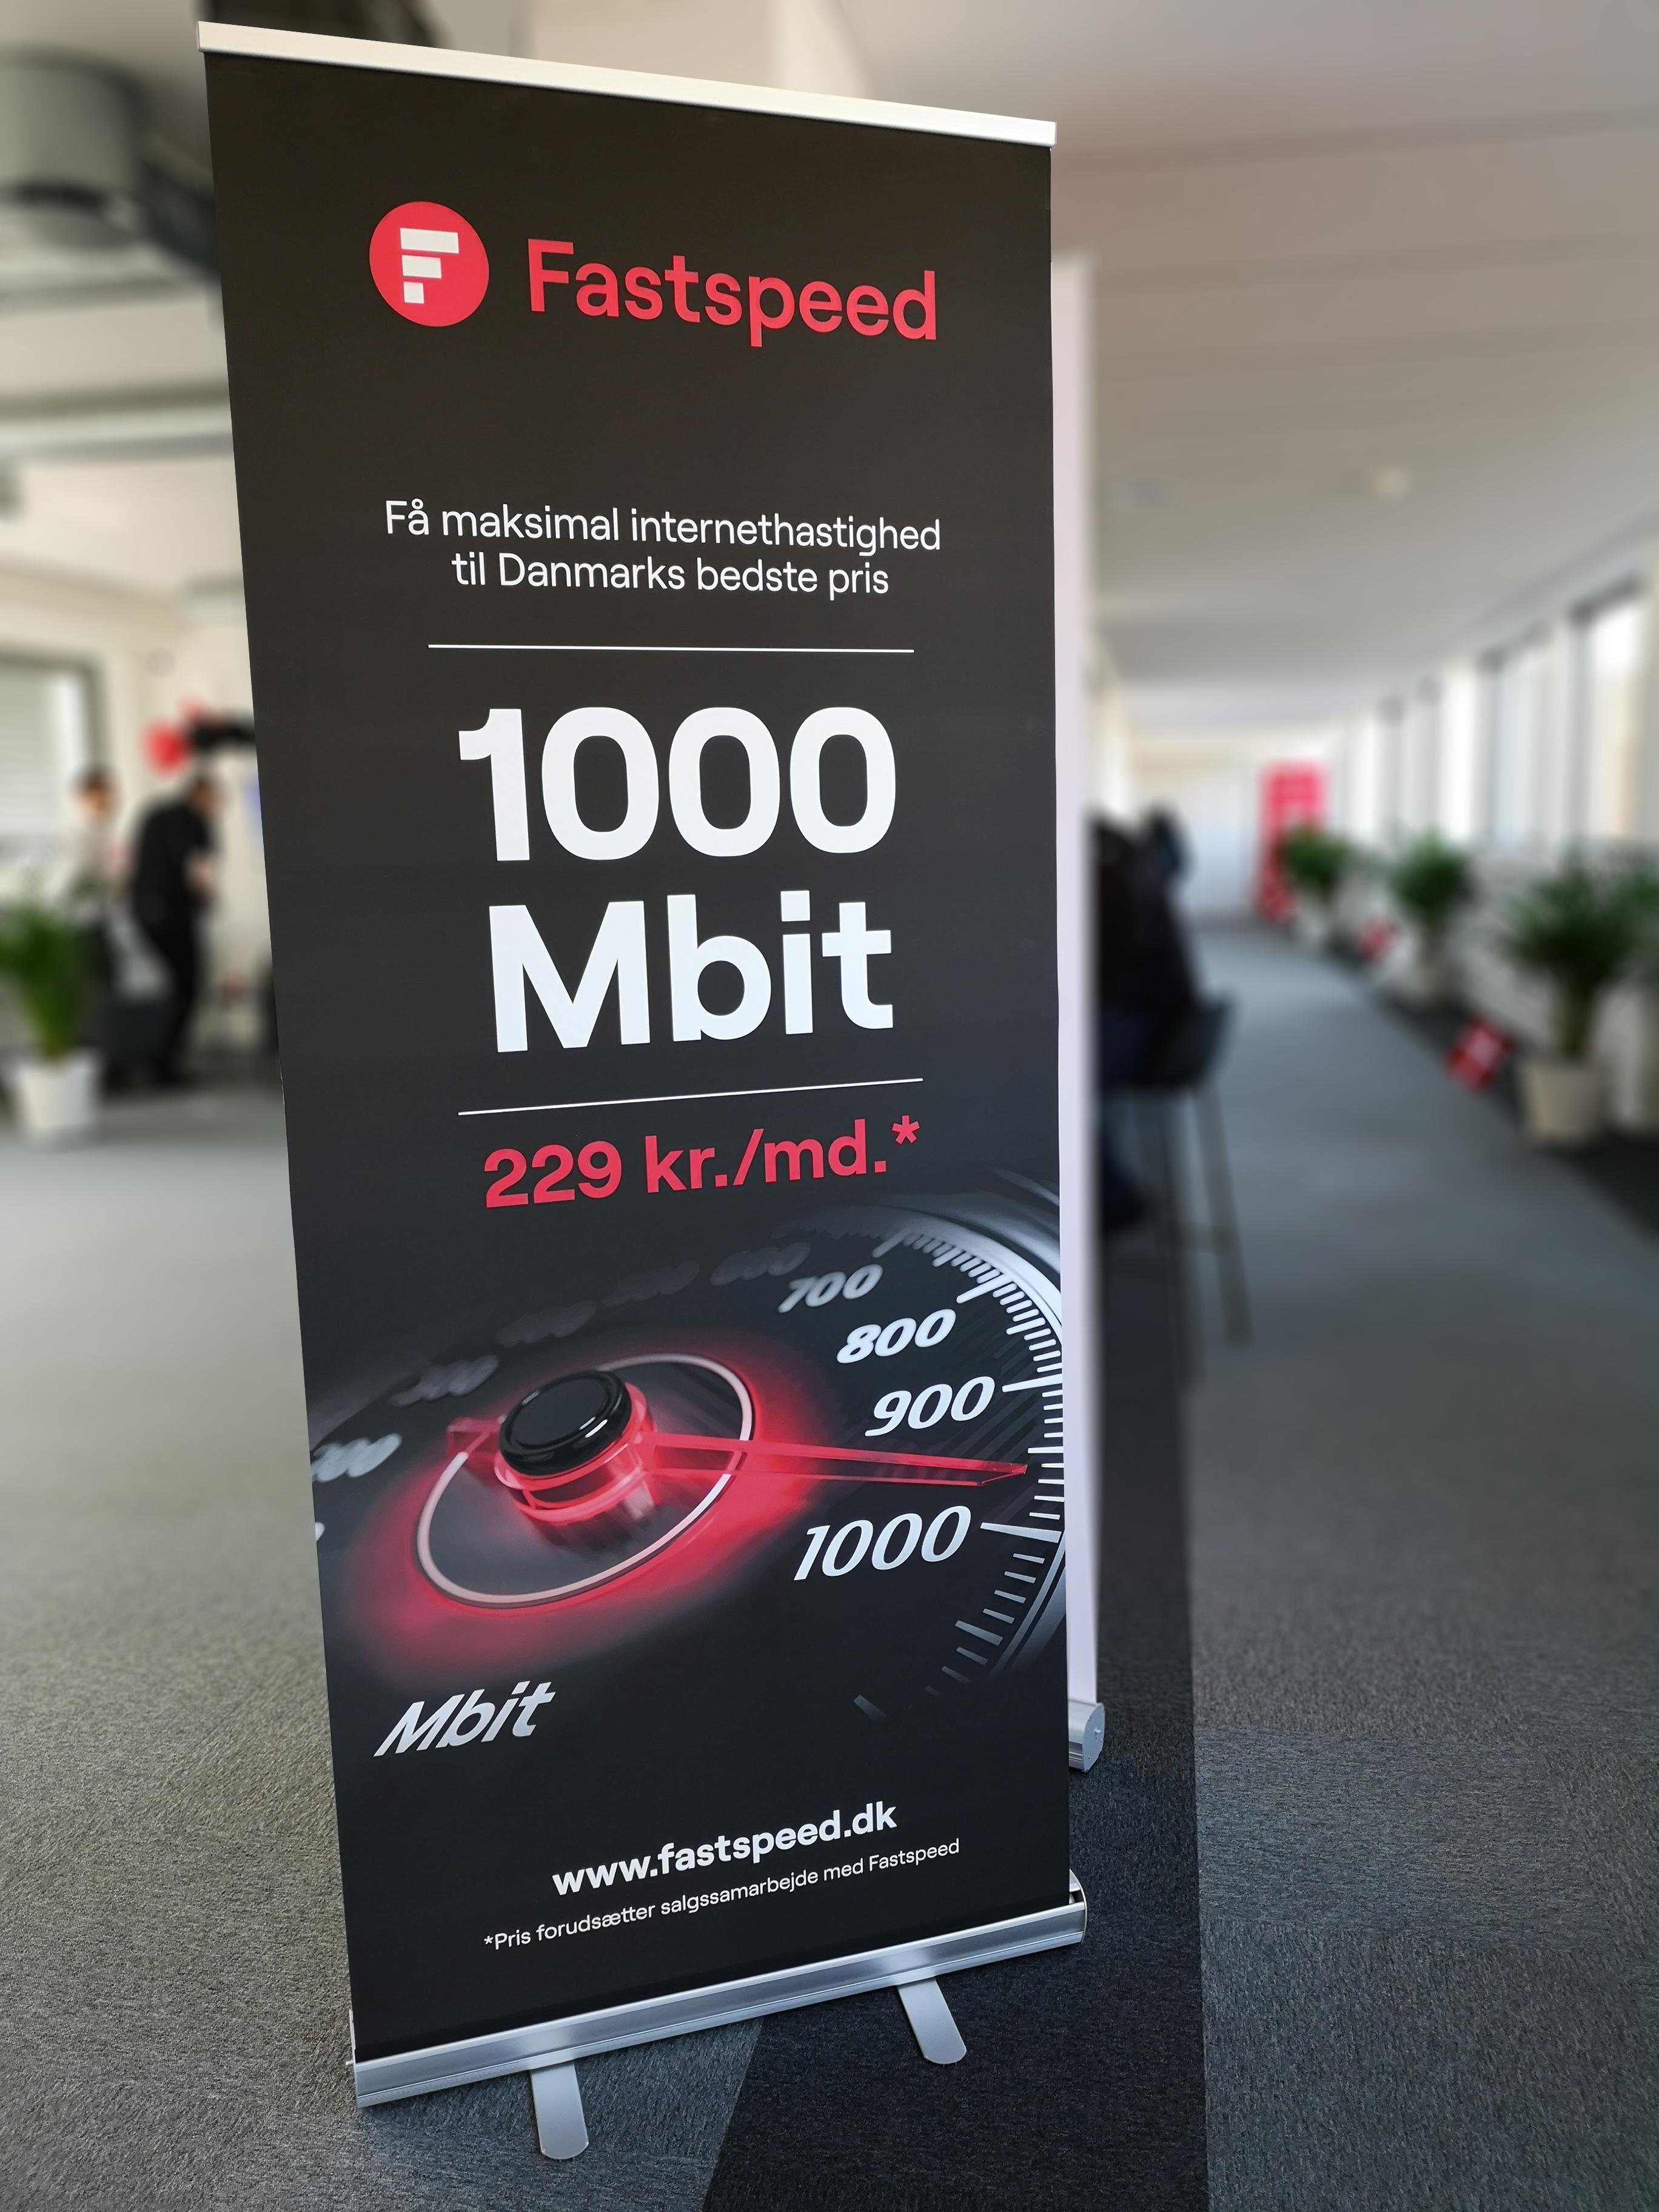 // Fastspeed